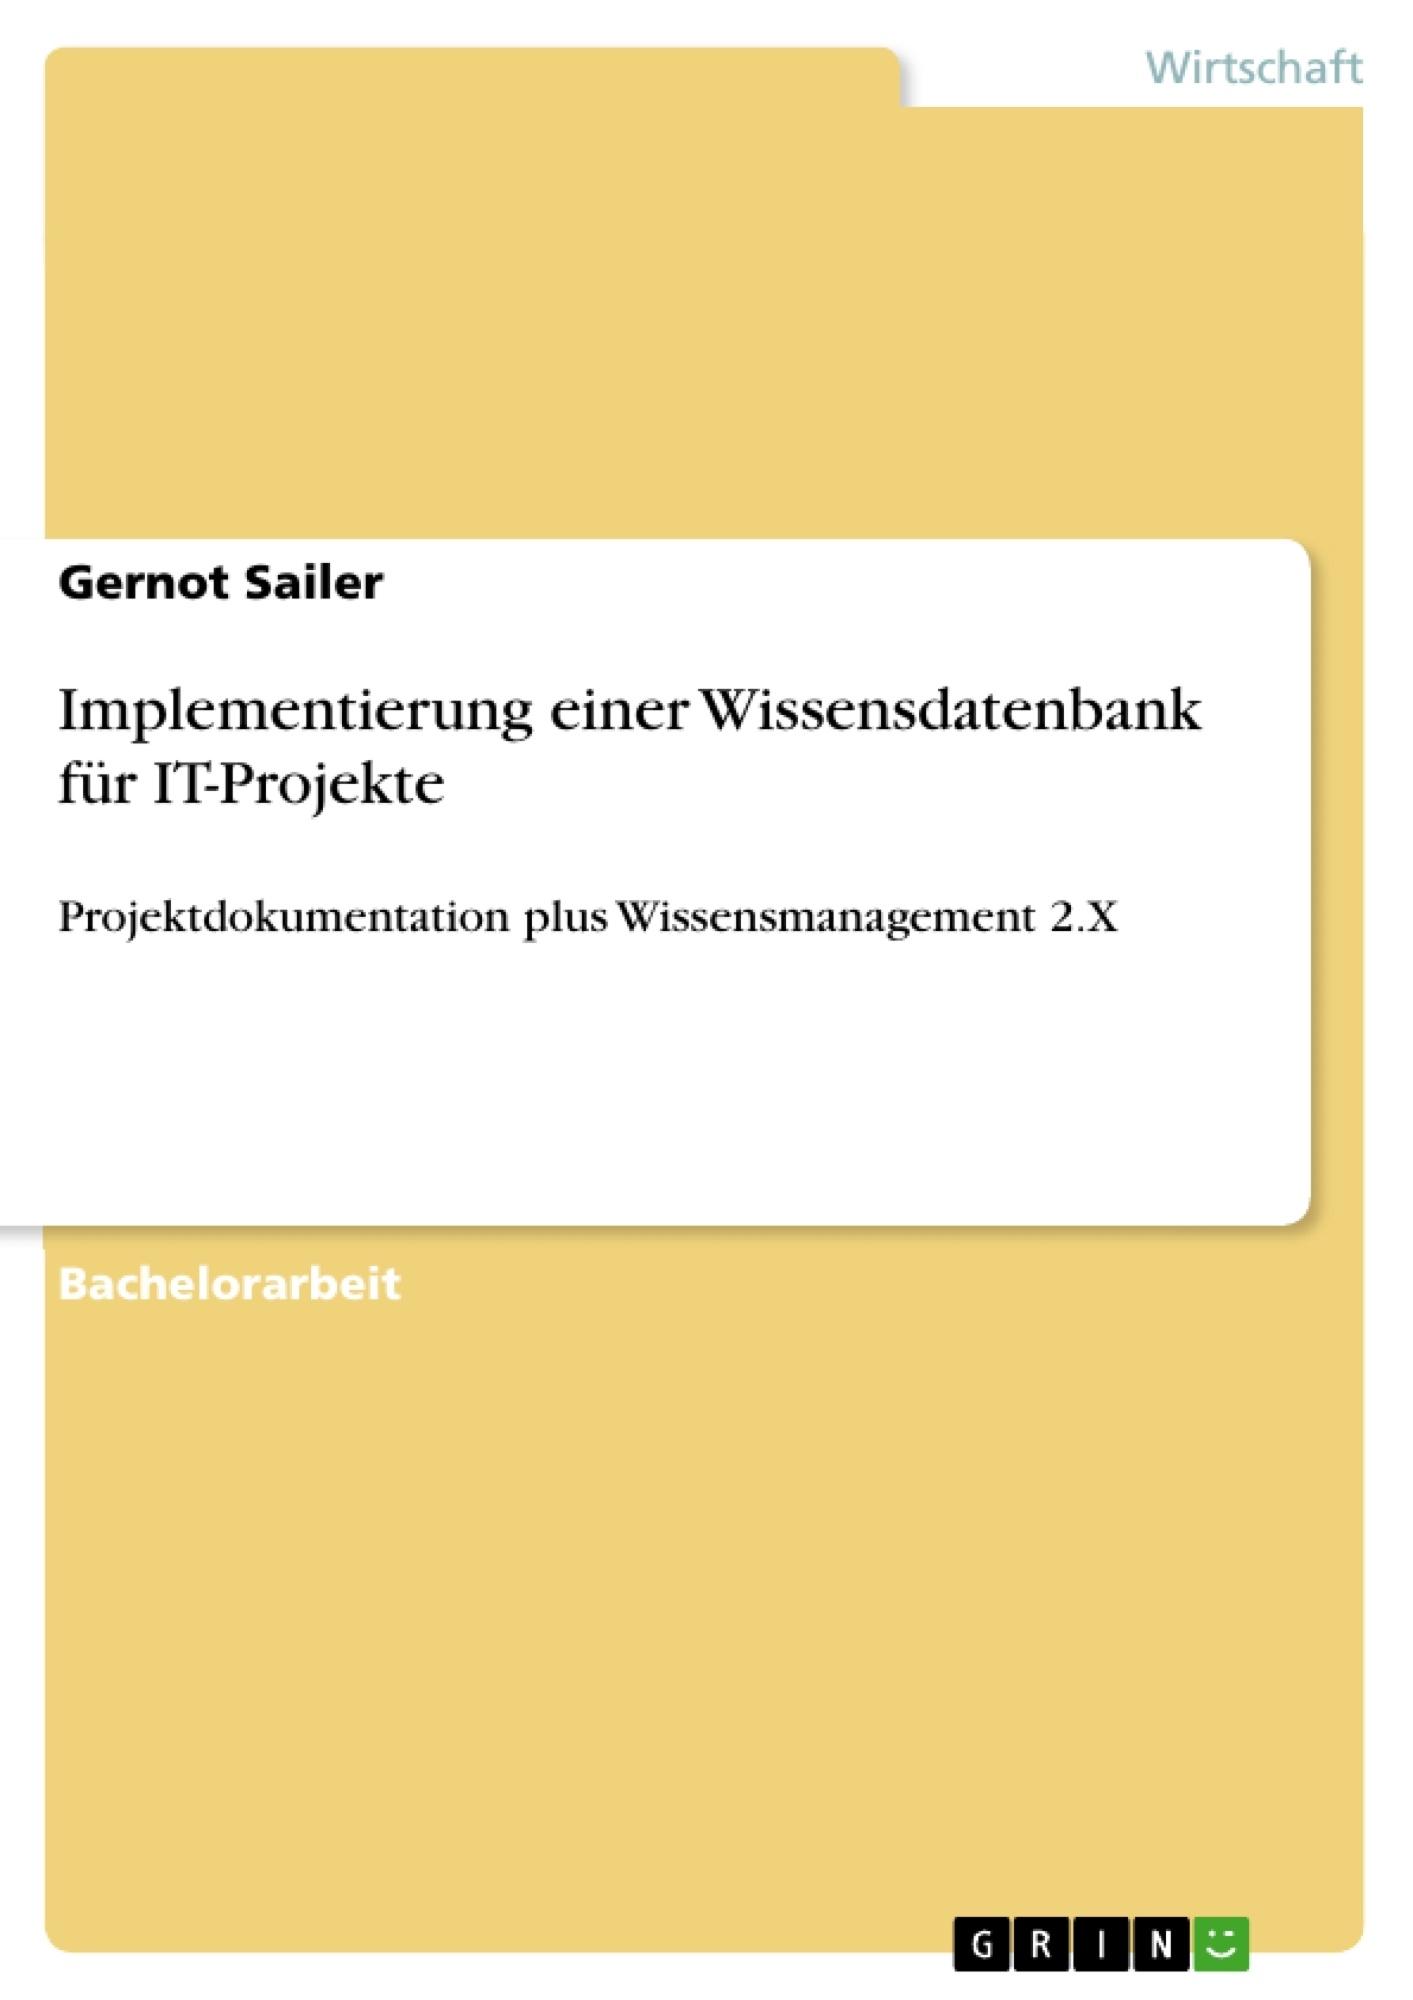 Titel: Implementierung einer Wissensdatenbank für IT-Projekte